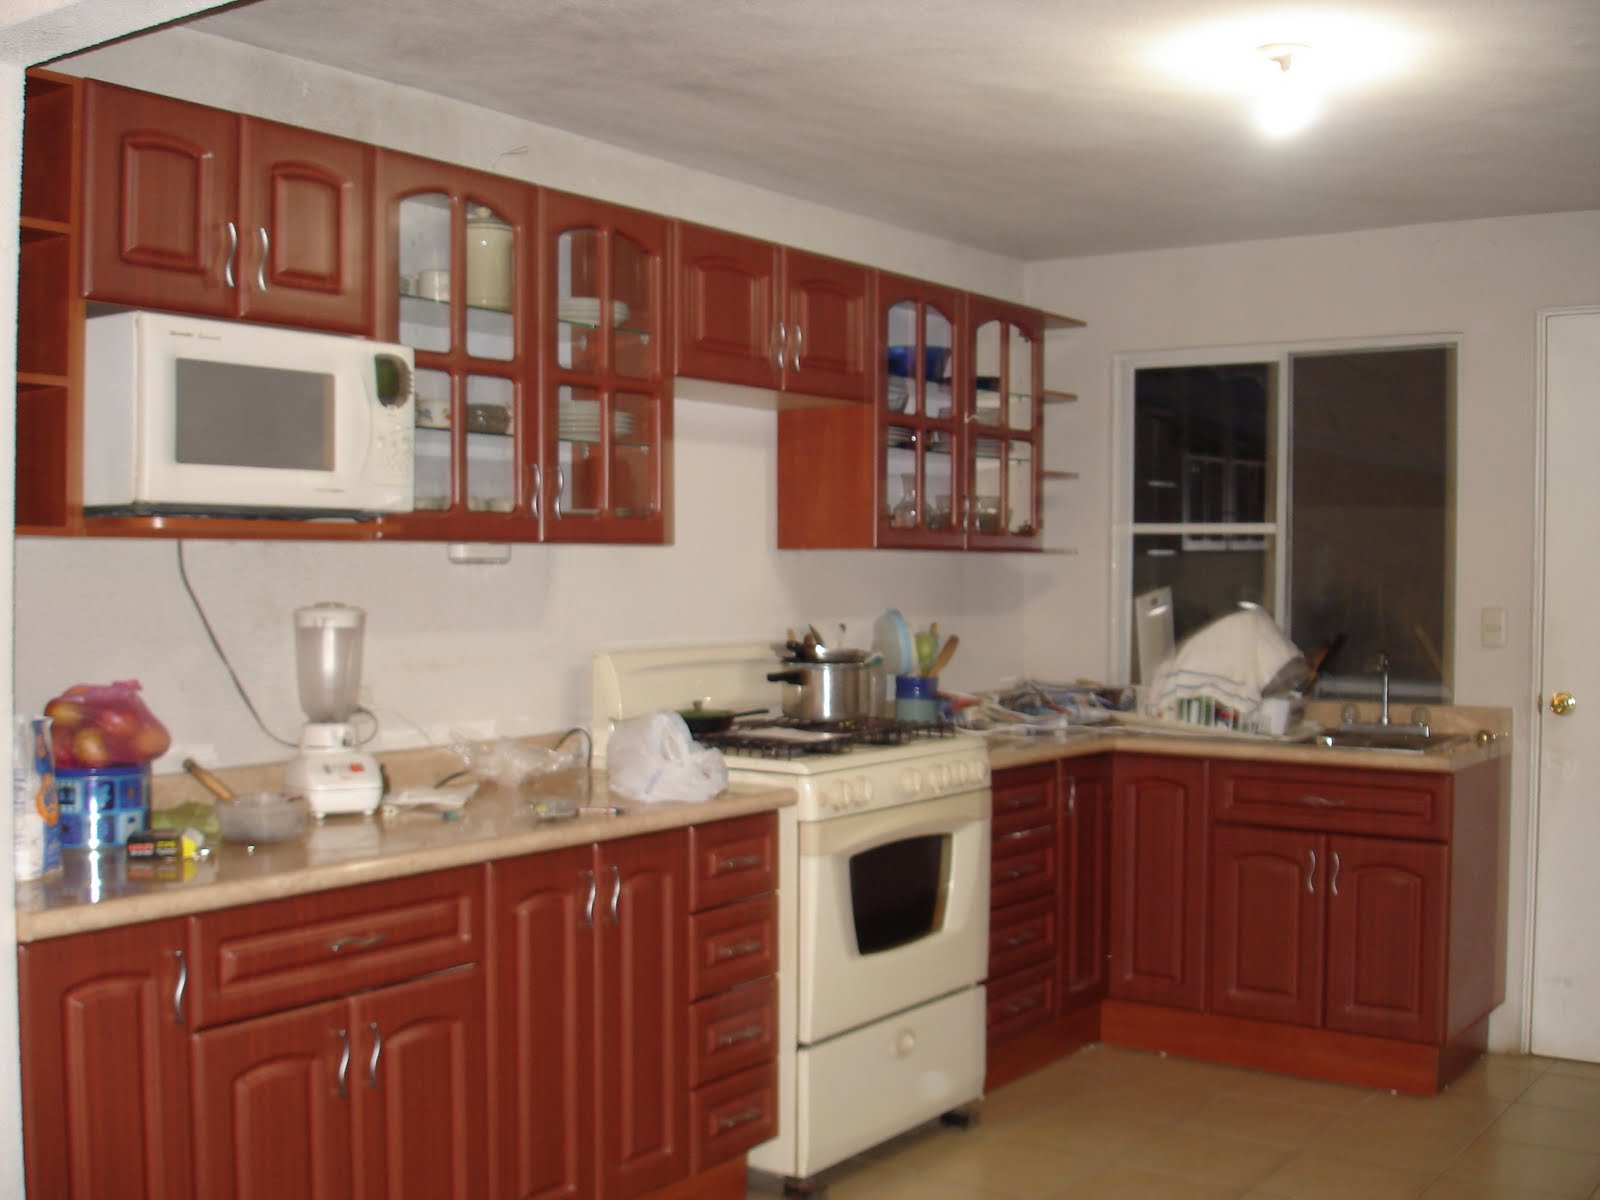 Construteksa gabinetes de cocina for Colores para gabinetes de cocina